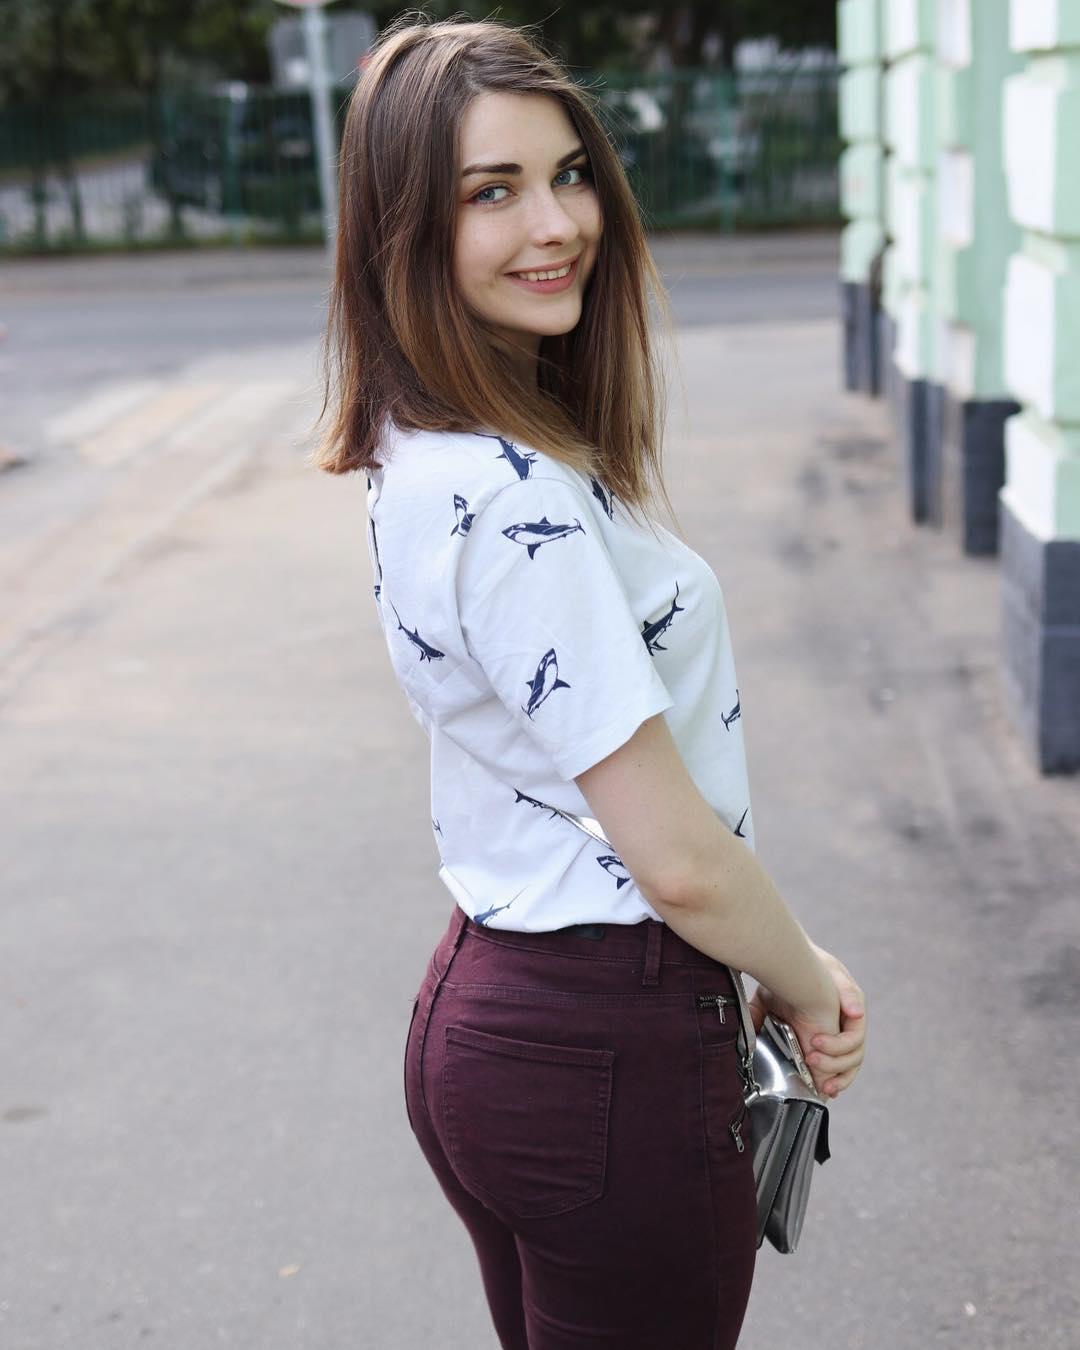 Ahrinyan